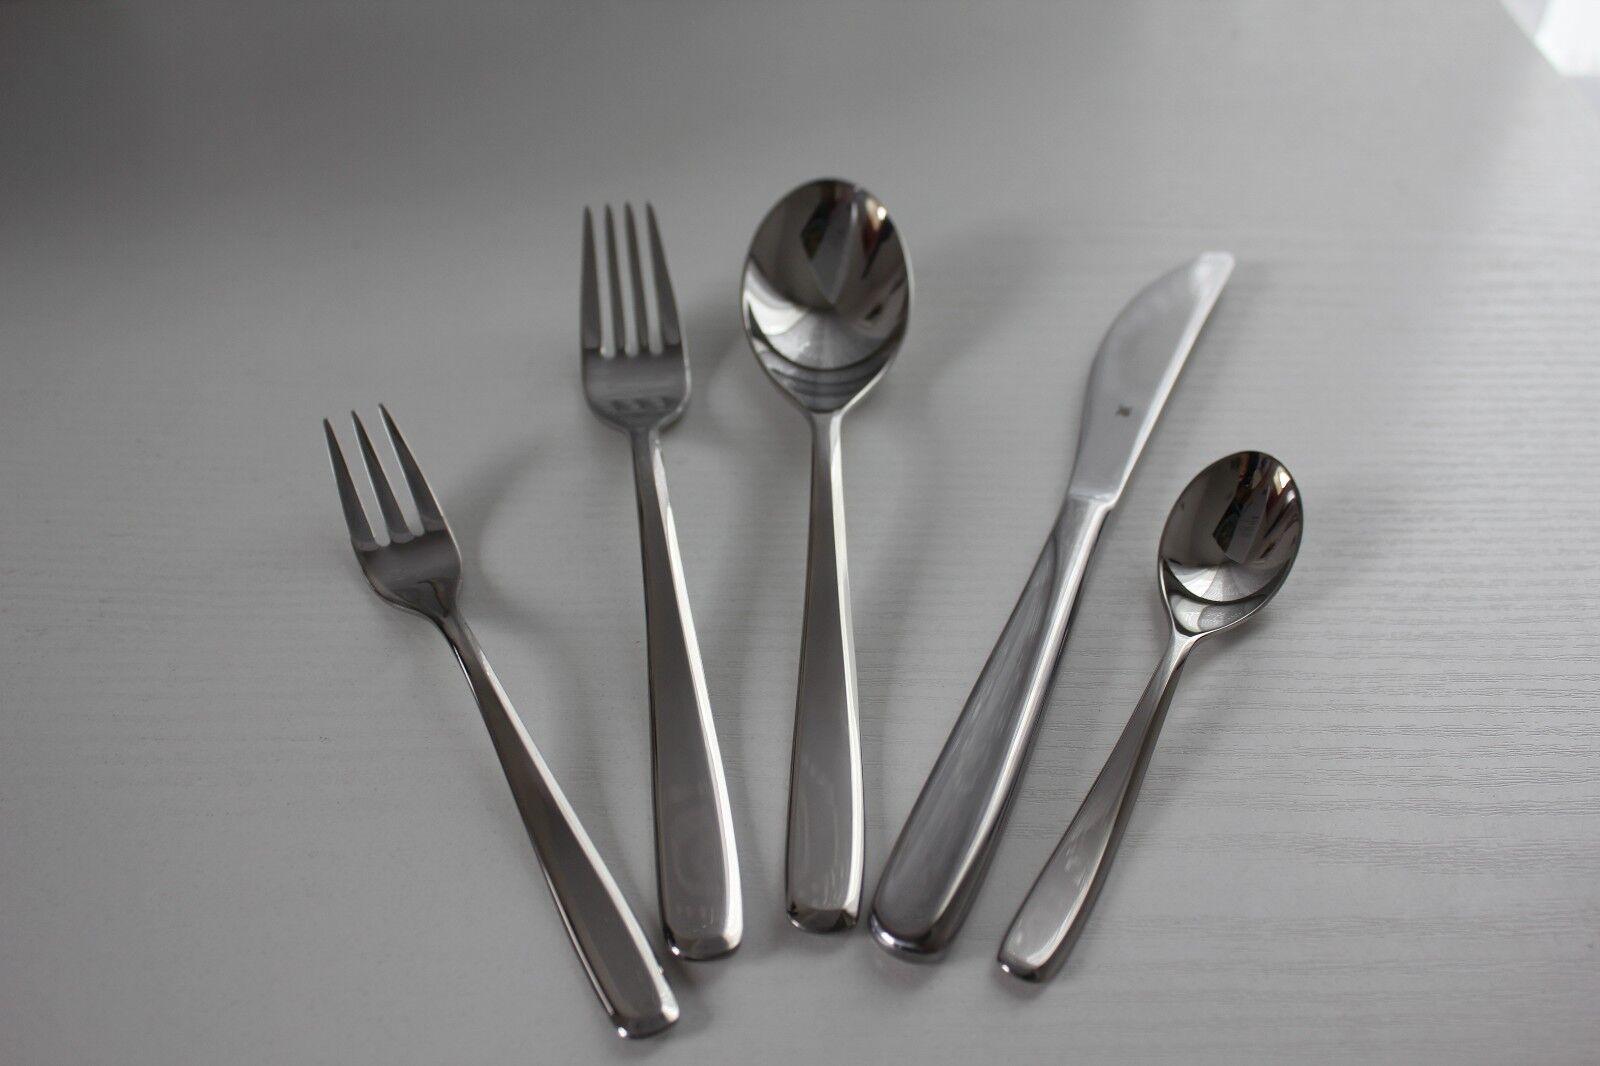 WMF couverts 60 pièces --- Sinus --- Neuf Original Incl. tarte fourchettes